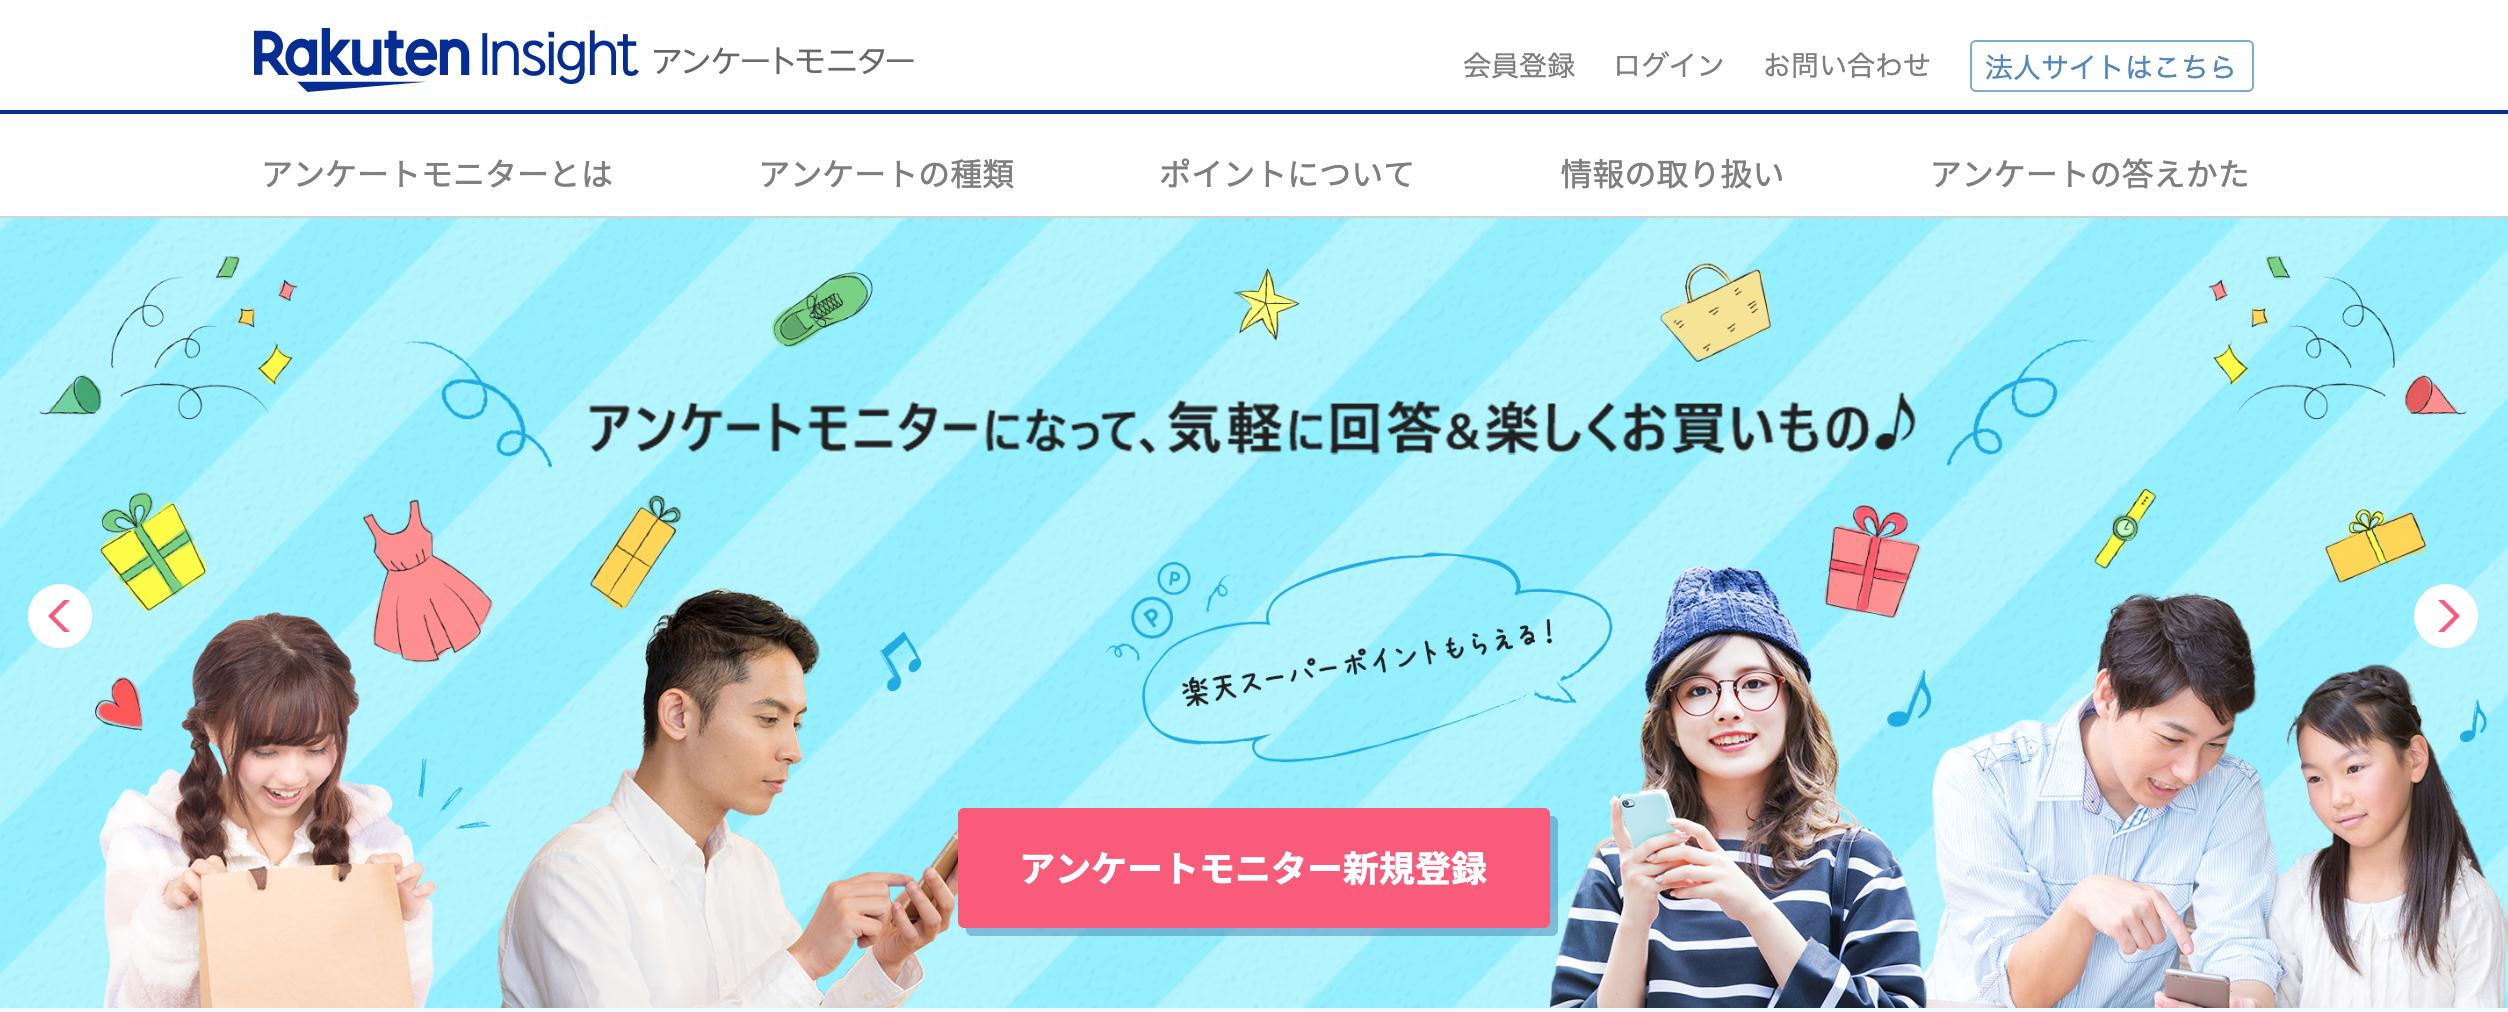 楽天インサイトのホームページ